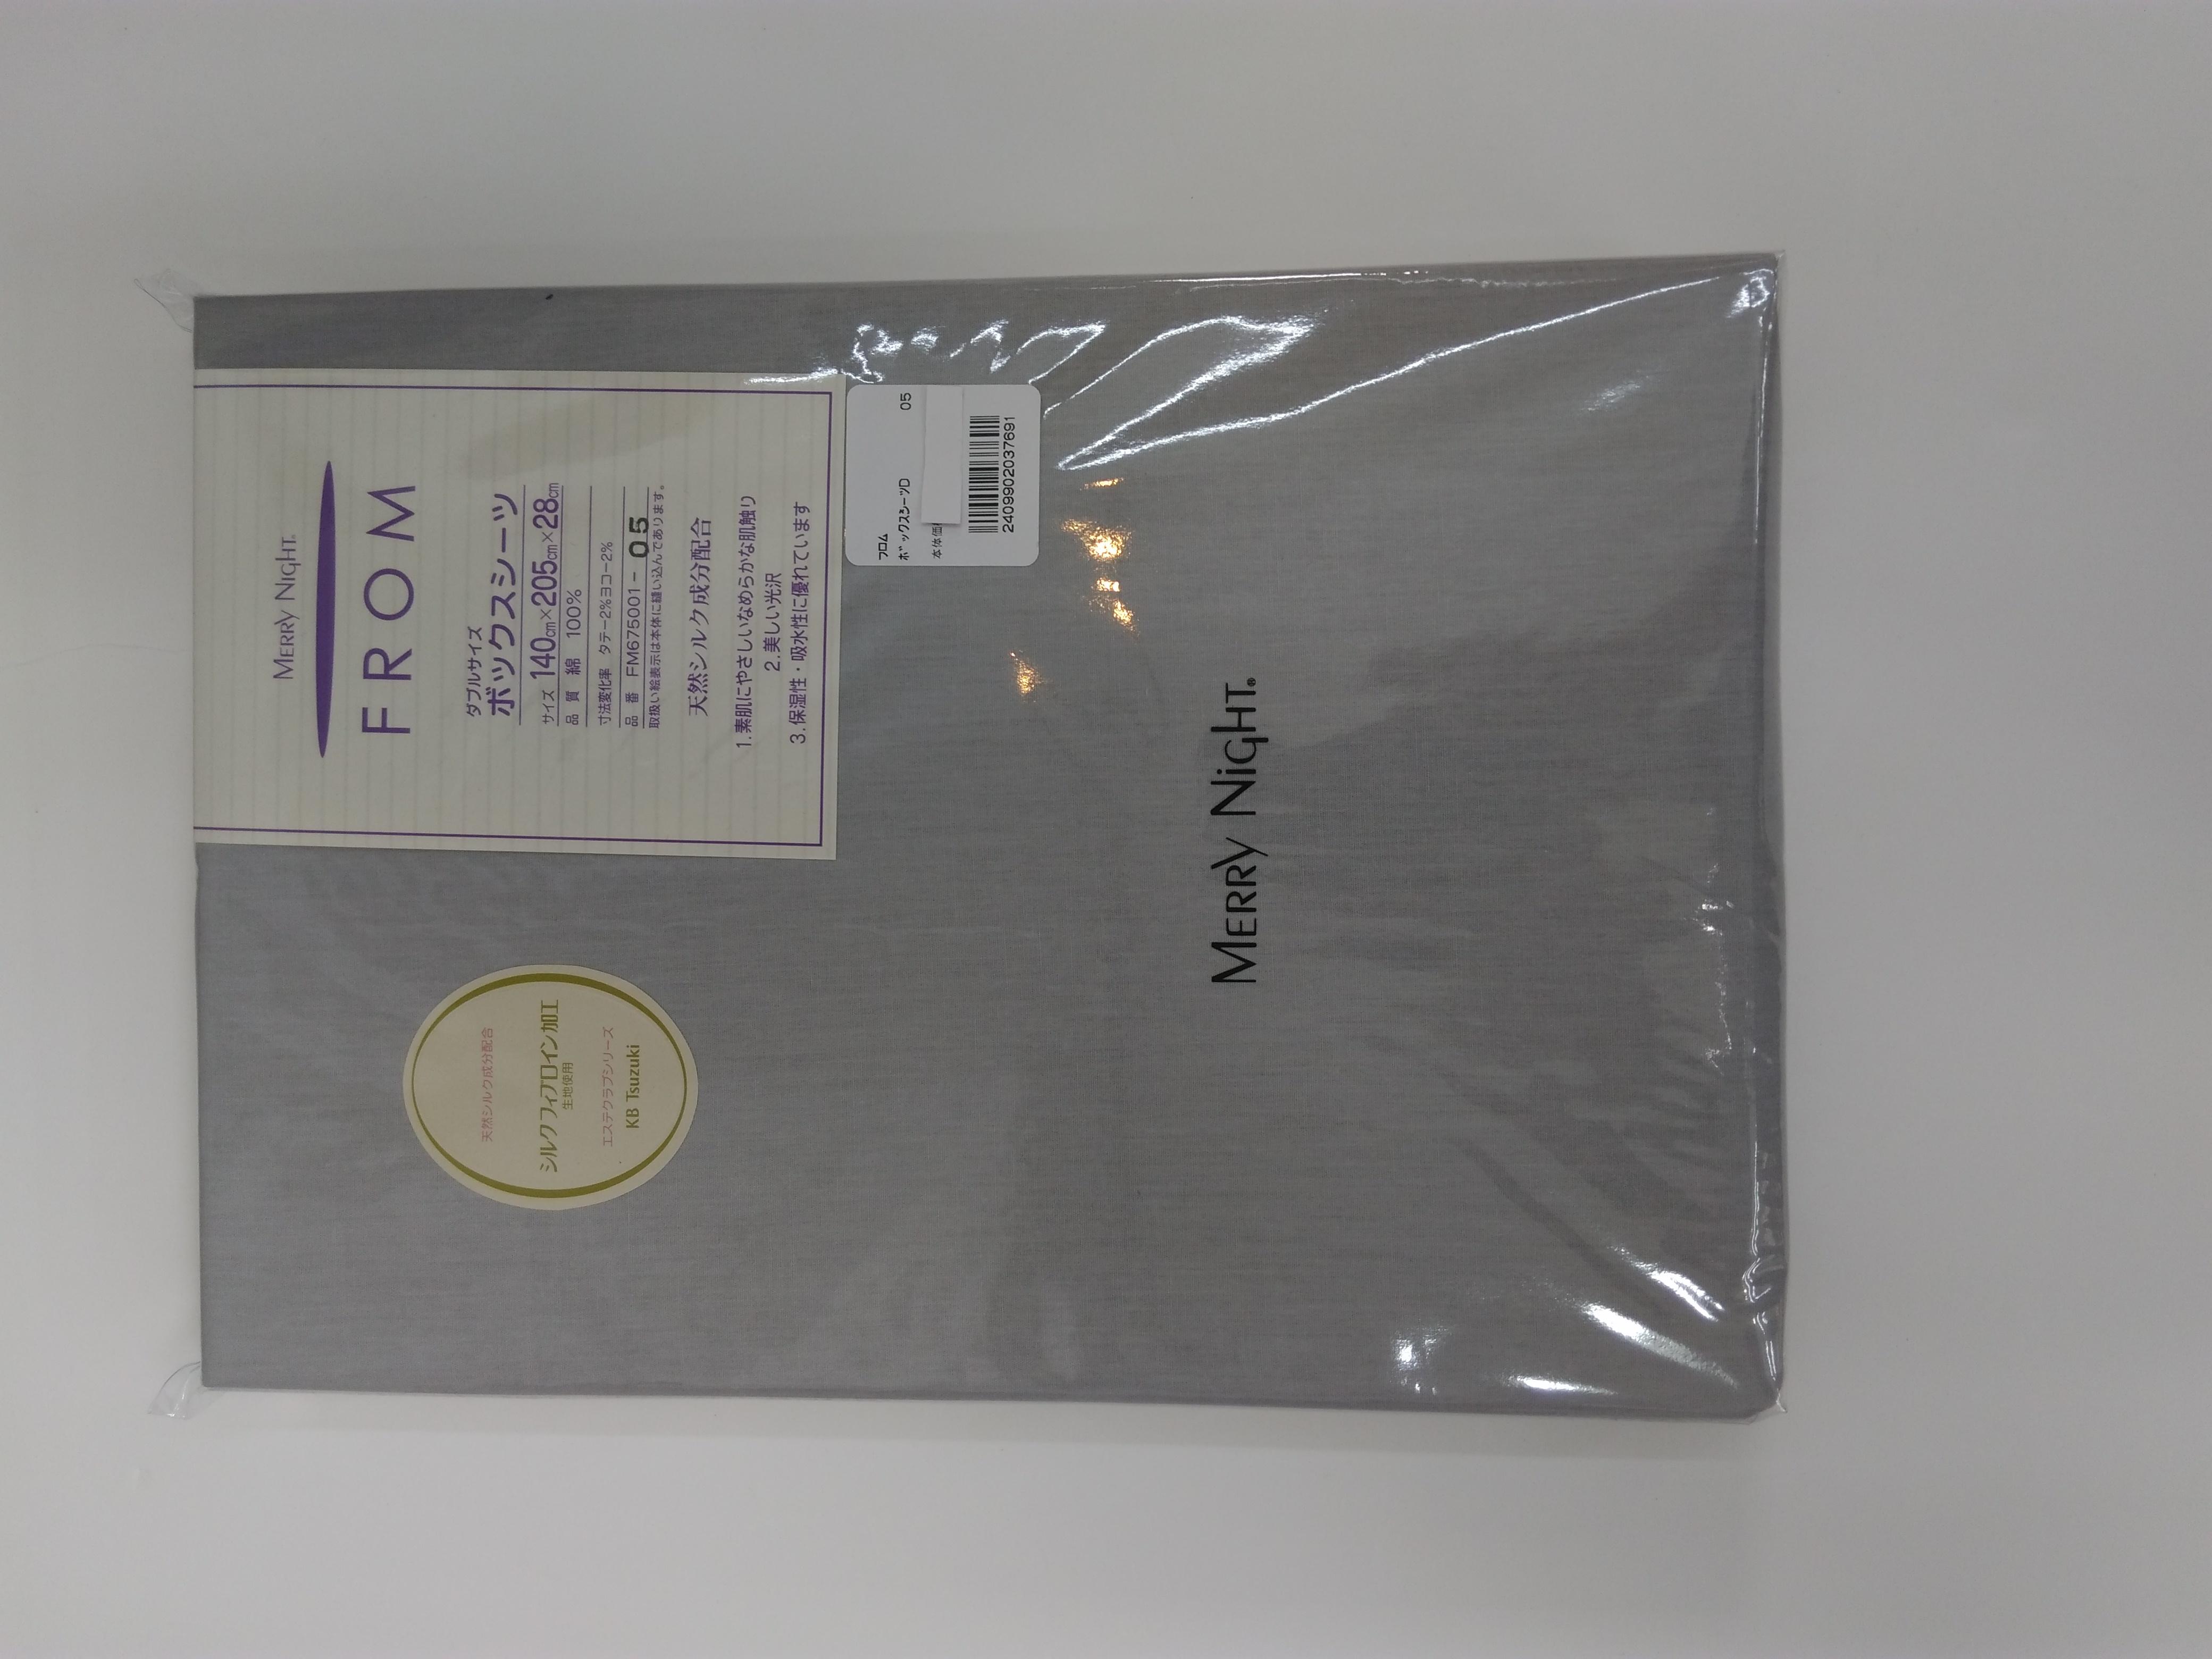 メリーナイト FROM フロムコレクション ボックスシーツ ダブルサイズ 140X205X28cm グレイ